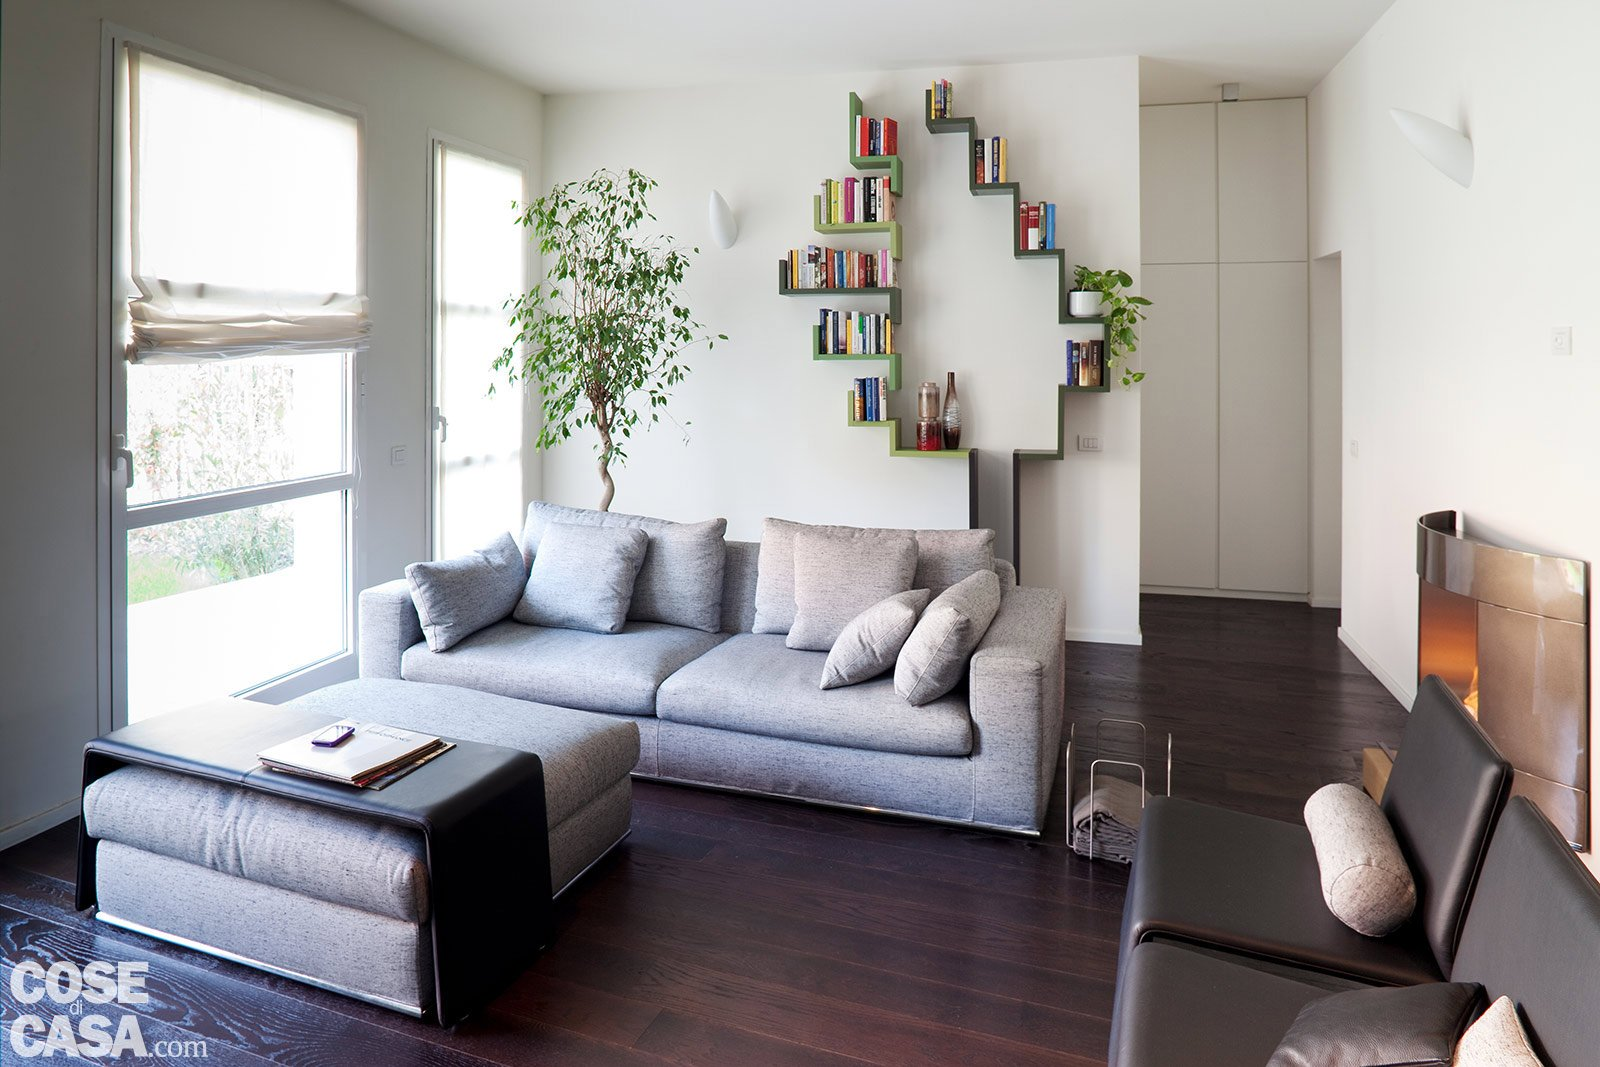 Una casa ristrutturata puntando sull 39 efficienza energetica for Immagini di casa